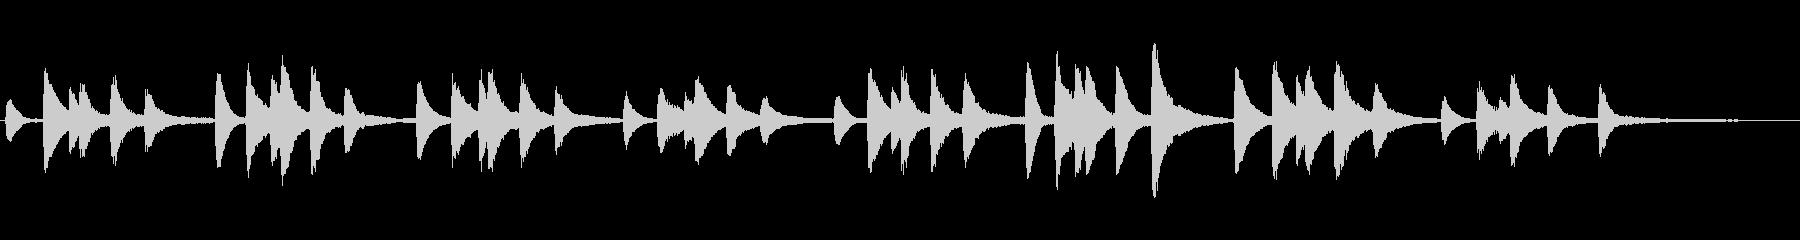 CMでよく聴くショパンのピアノの未再生の波形